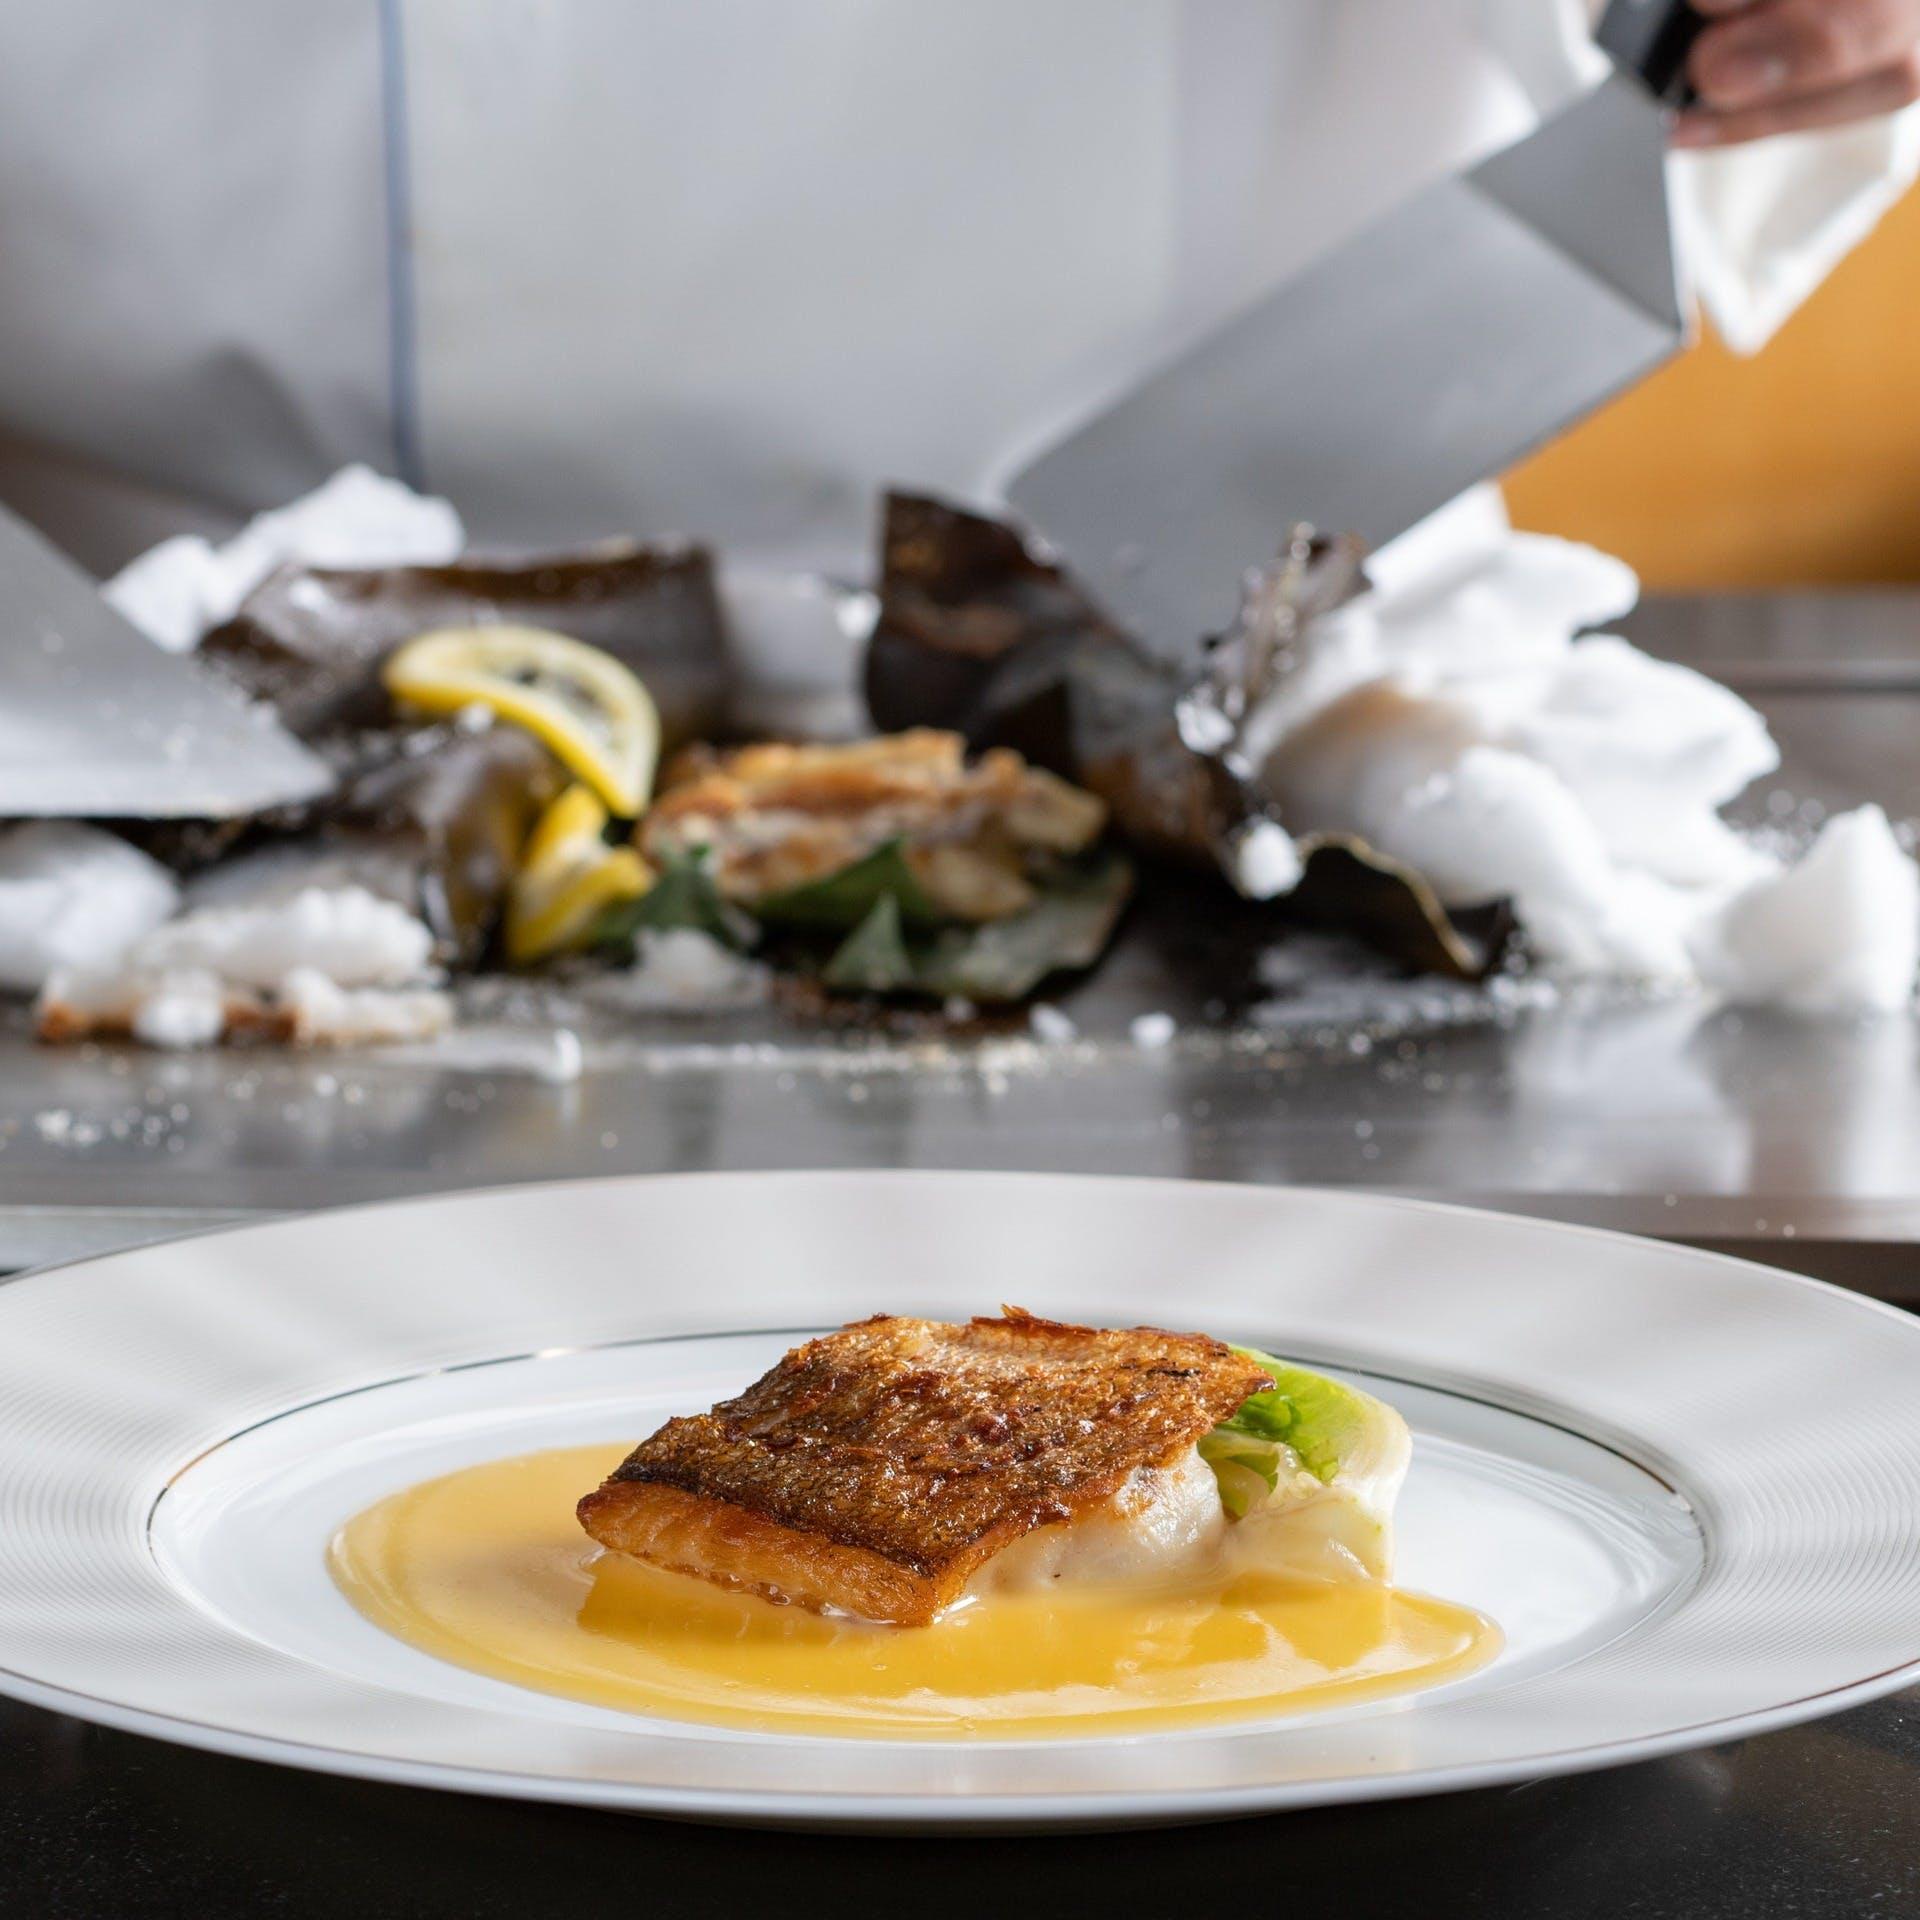 生け簀の新鮮な魚介を「下野スタイル」で繊細かつ豪快に焼き上げる